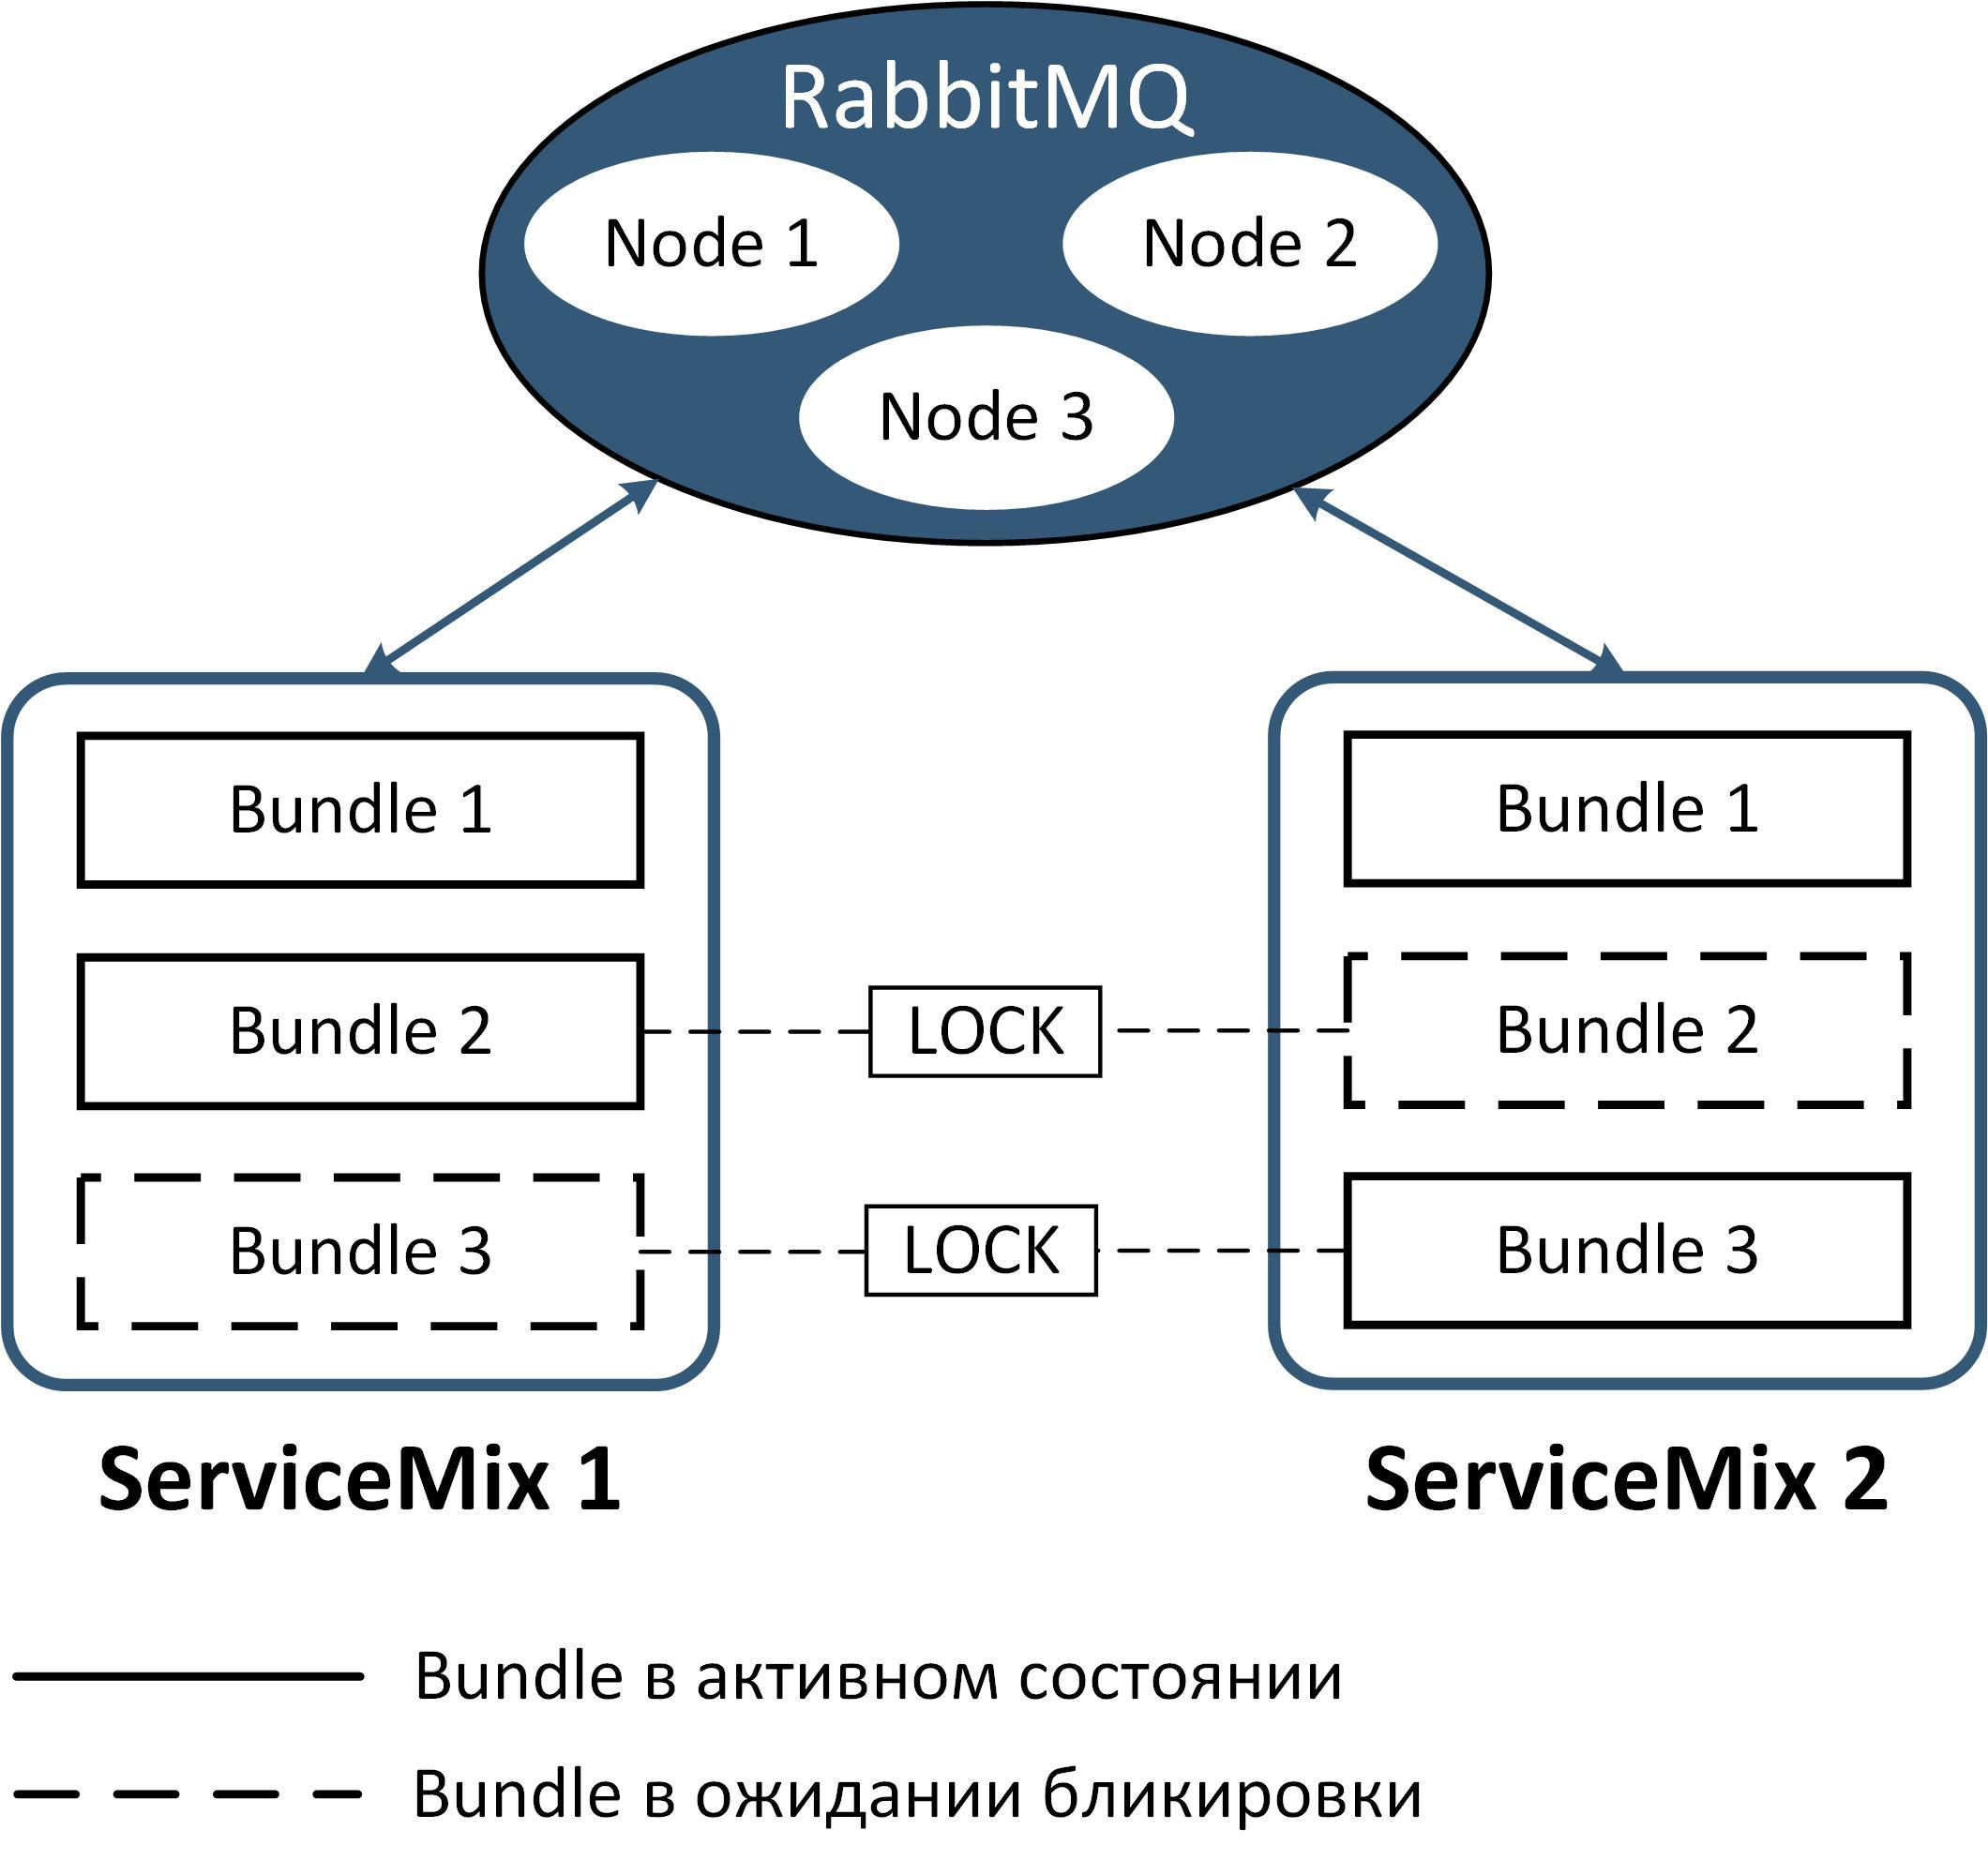 Опыт построения интеграционной платформы на базе ServiceMix (Camel) и RabbitMQ - 7